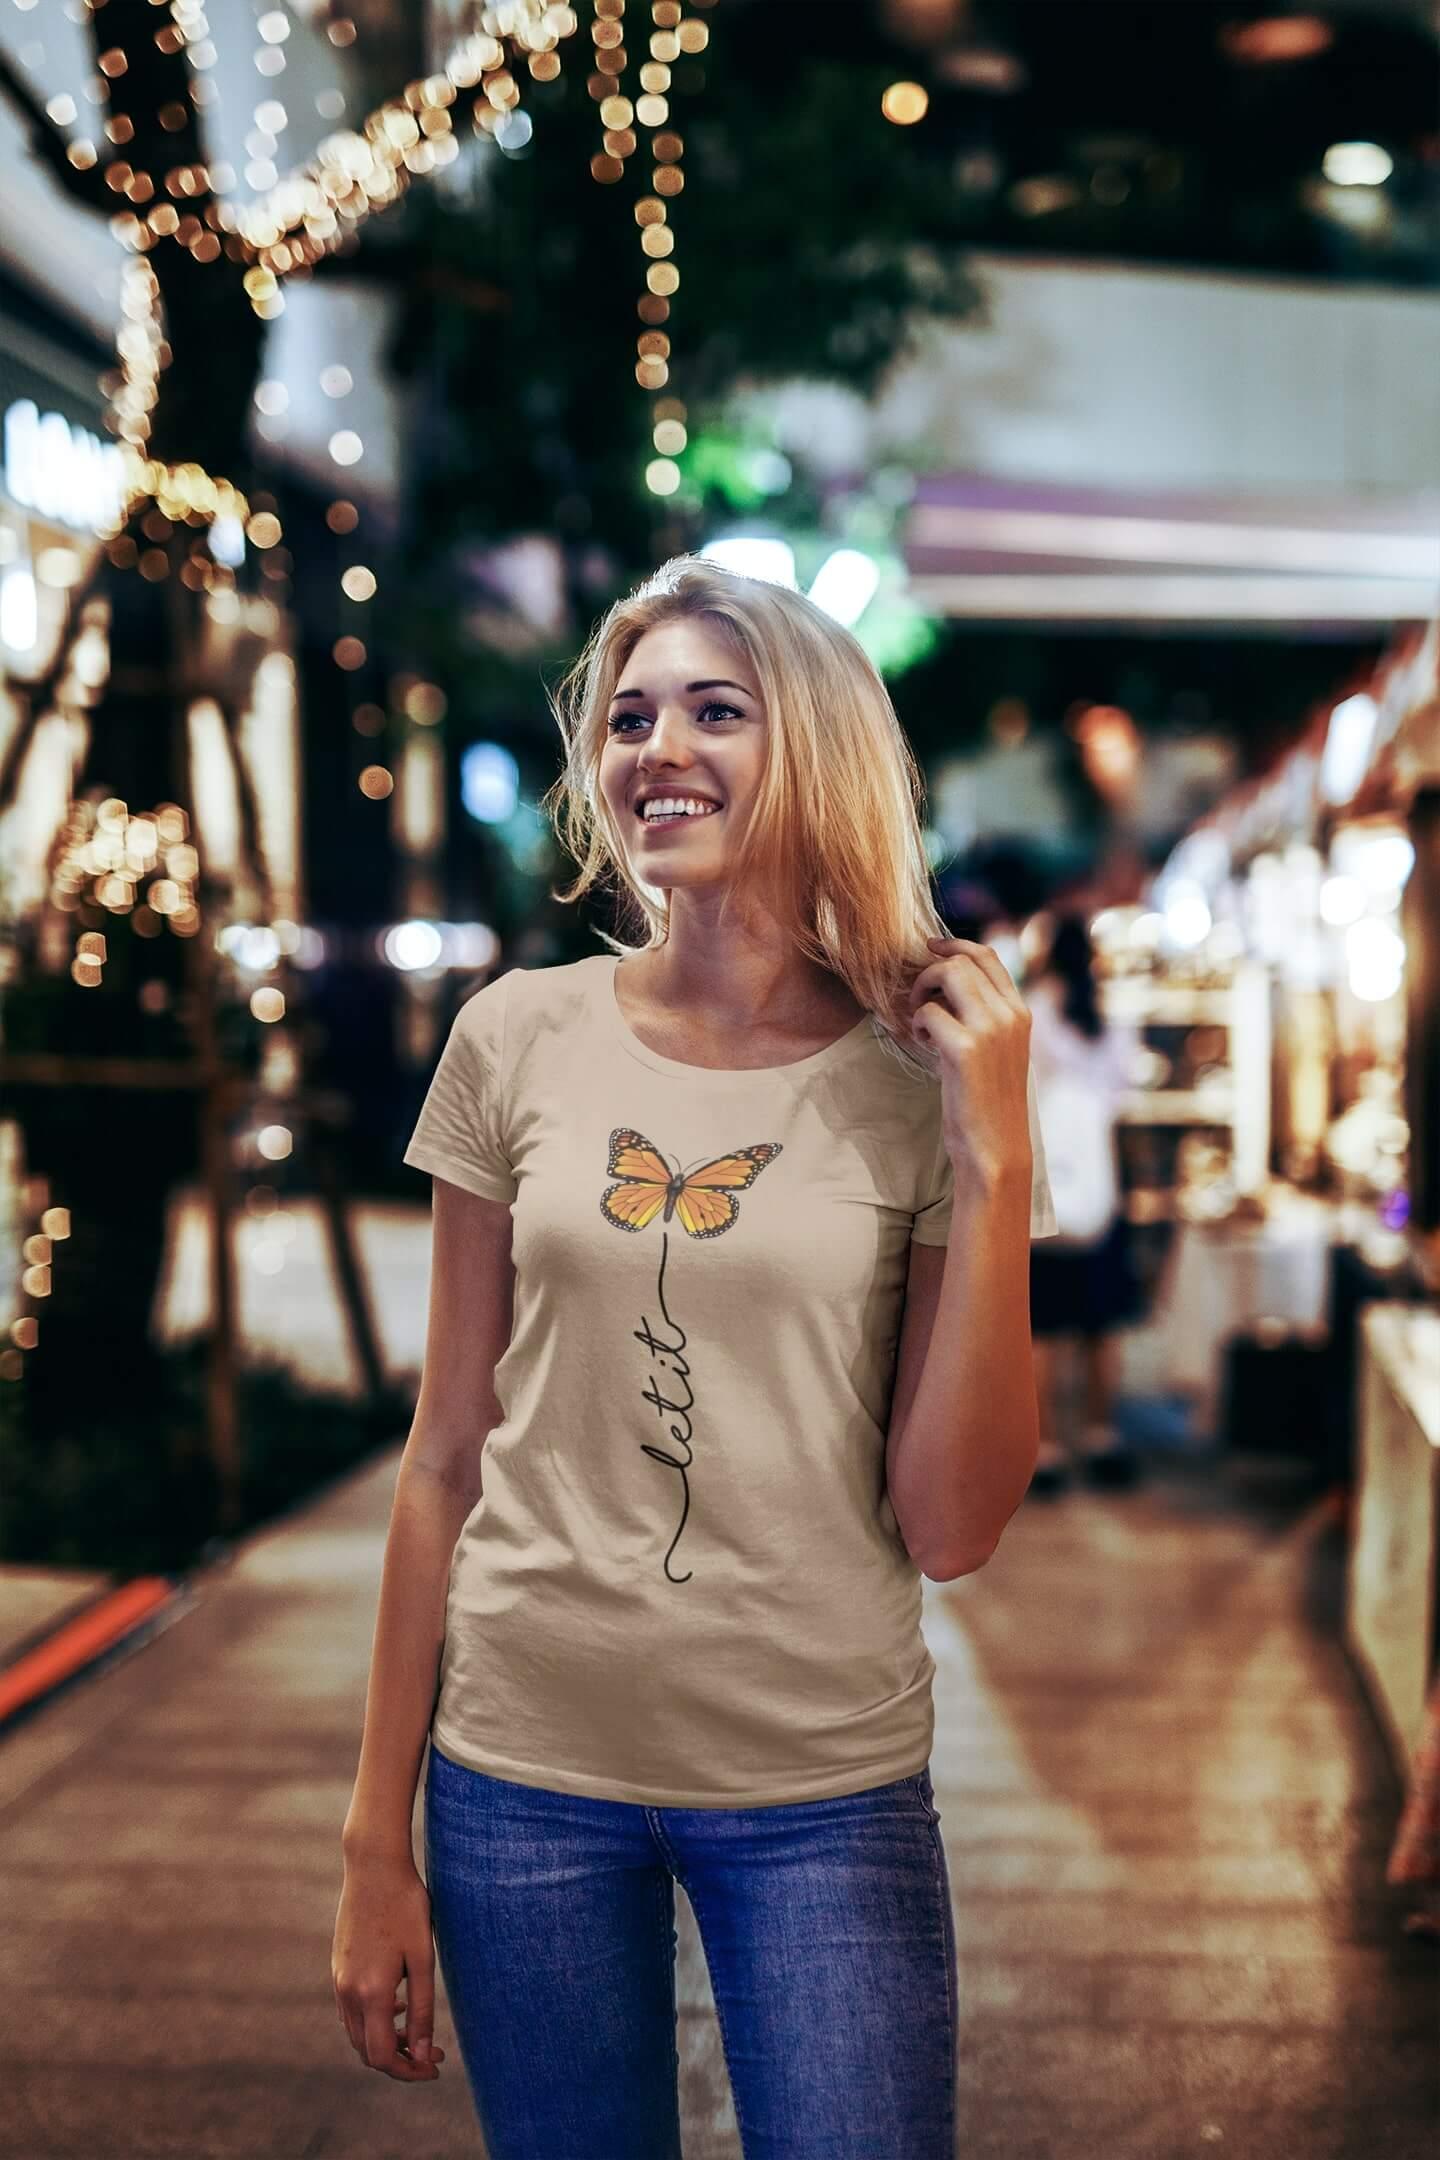 MMO Dámske tričko Let it motýľ Vyberte farbu: Piesková, Vyberte veľkosť: S